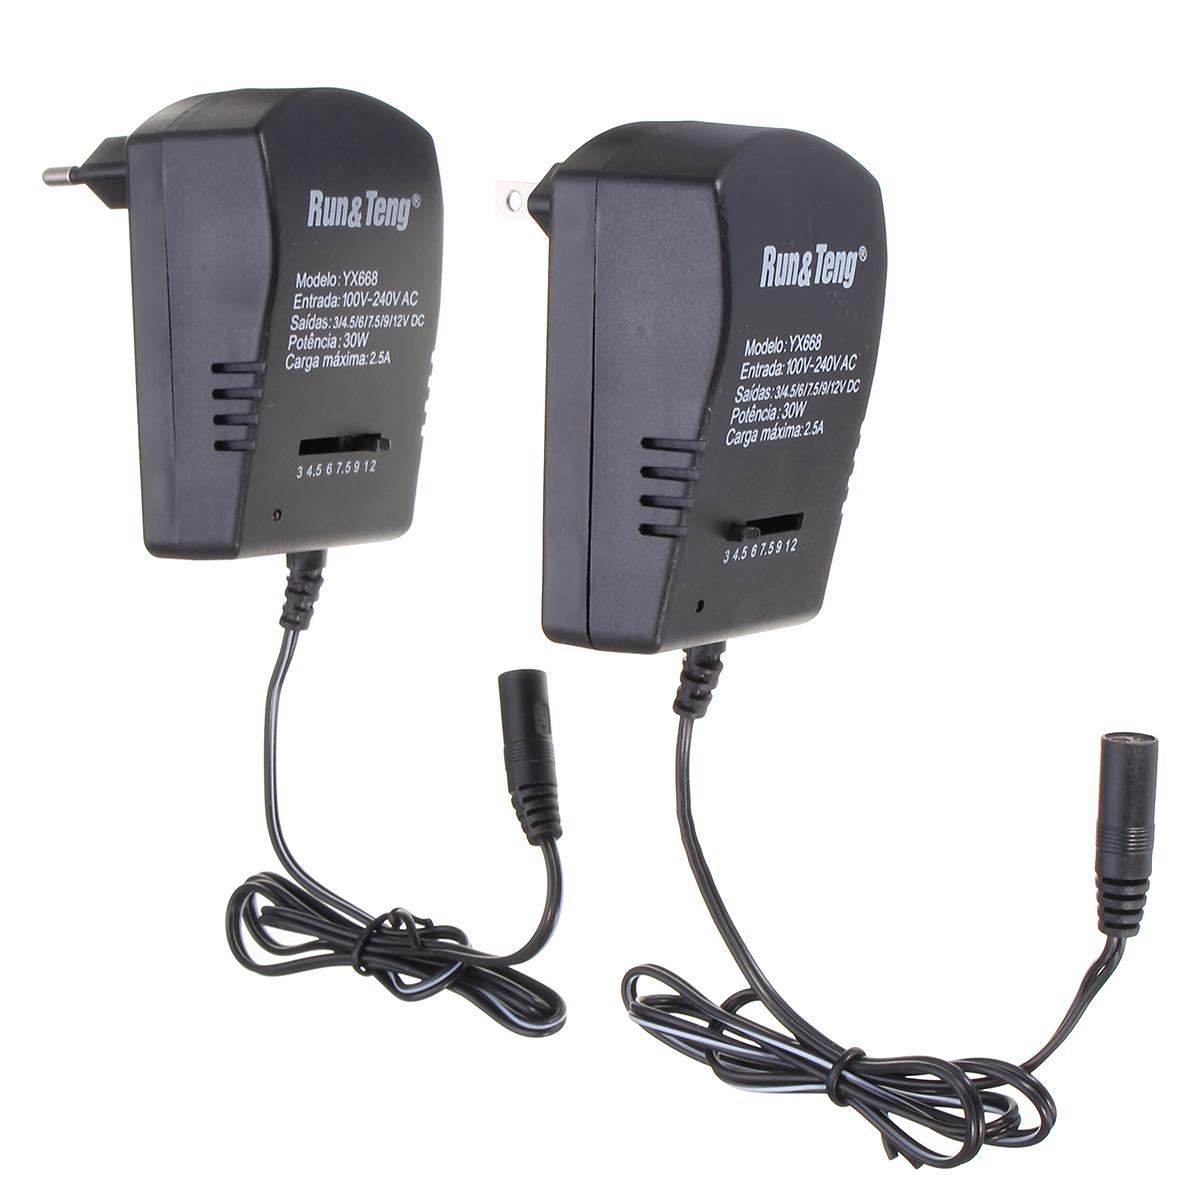 Multi Voltage Power Adapter 2500mA 3v 4.5v 6v 9v 12v DC Power Supply